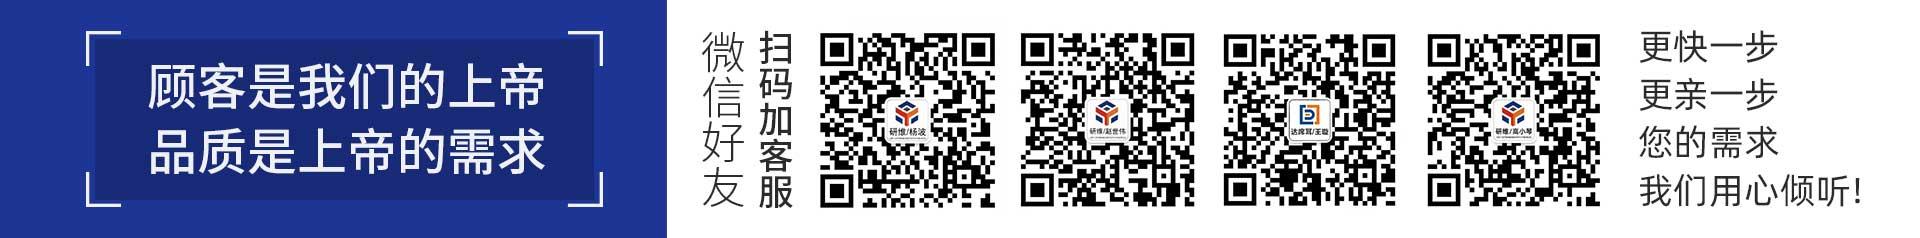 关注在线销售客服微信号码草民电影网我不是药神,随时沟通产品资讯